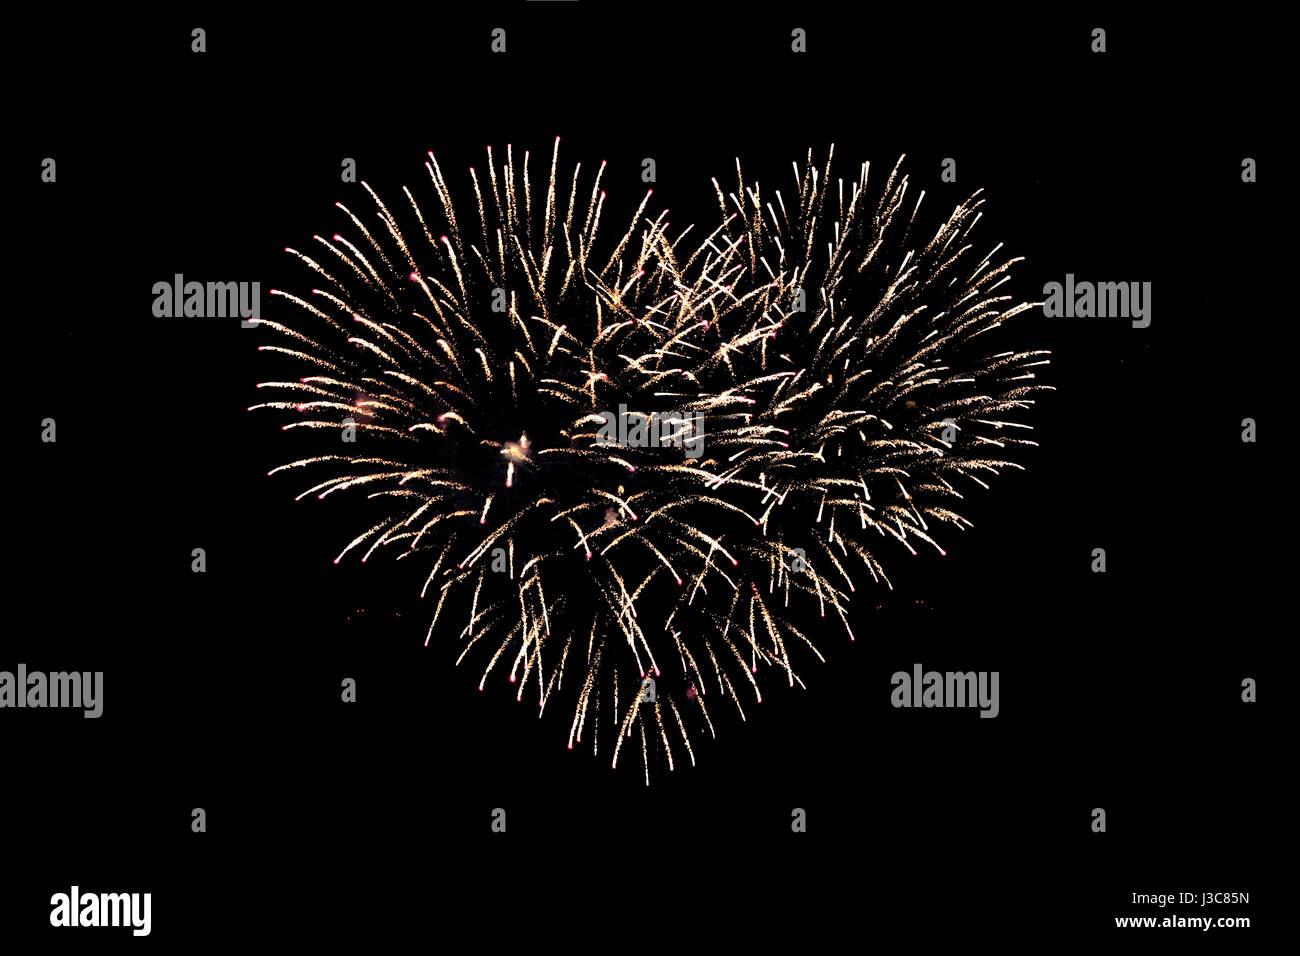 herzförmige Feuerwerk in der Nacht Stockfoto